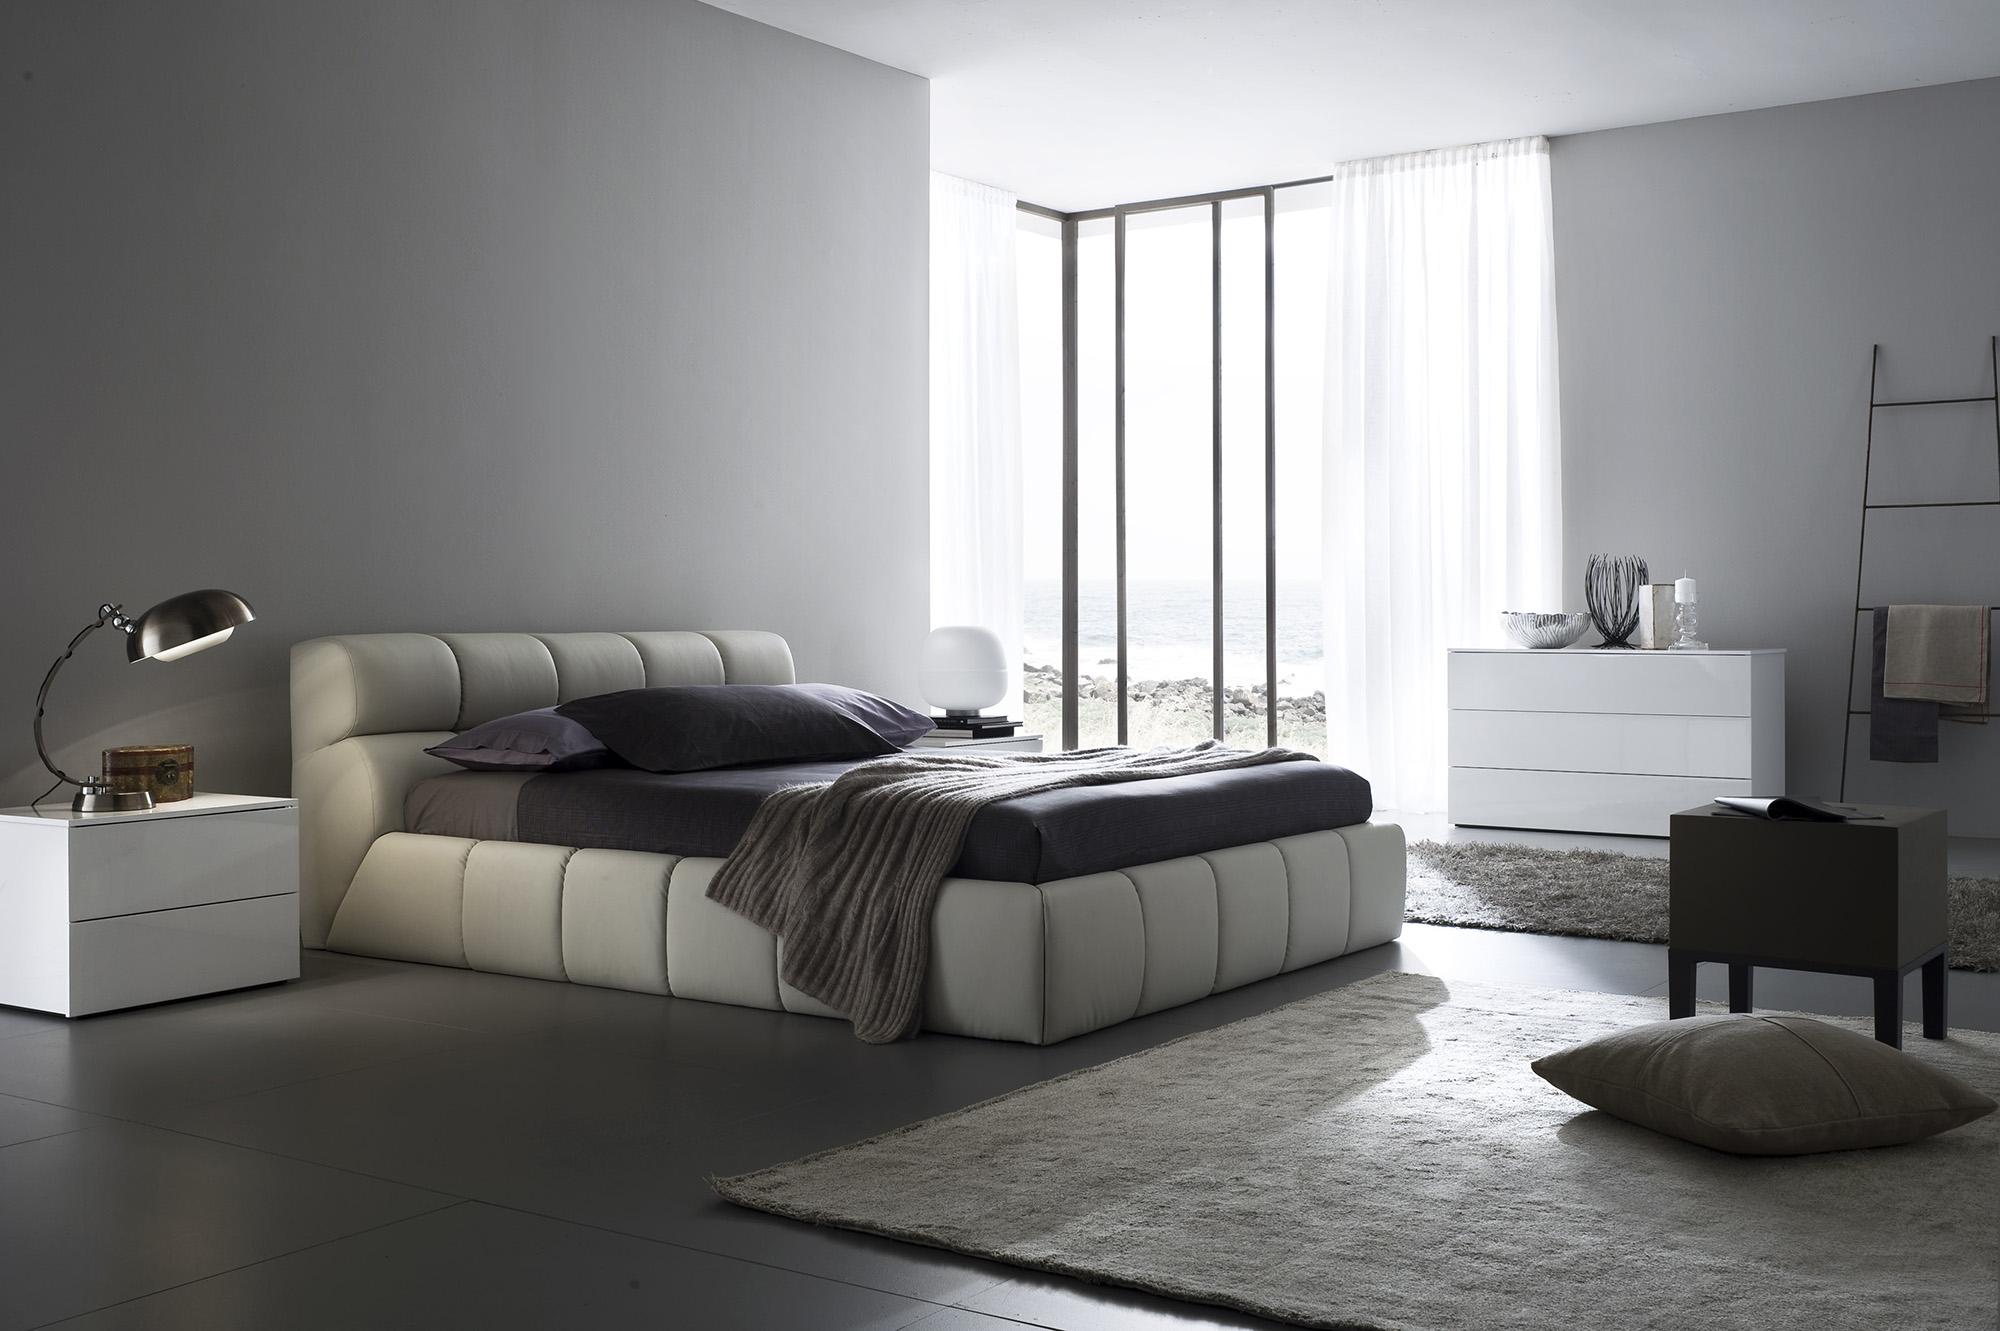 Бежевый, белый и серый цвета в дизайне большой спальни